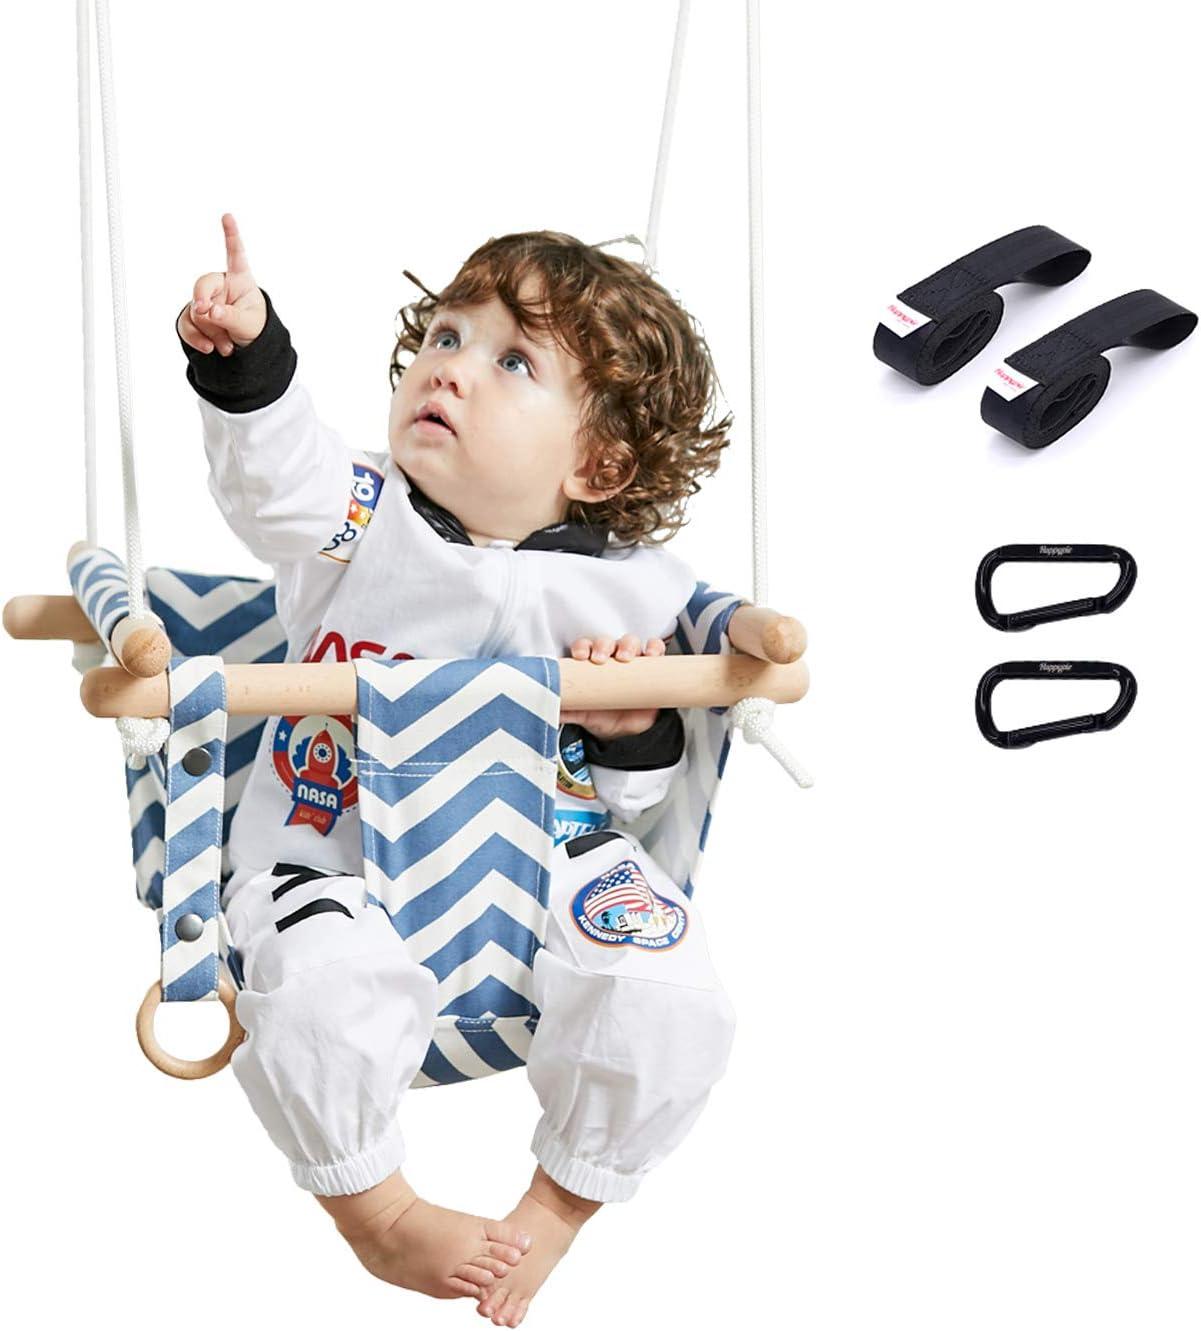 Happypie seguro colgante de lona columpio asiento interior hamaca al aire libre de juguete para el niño (raya)